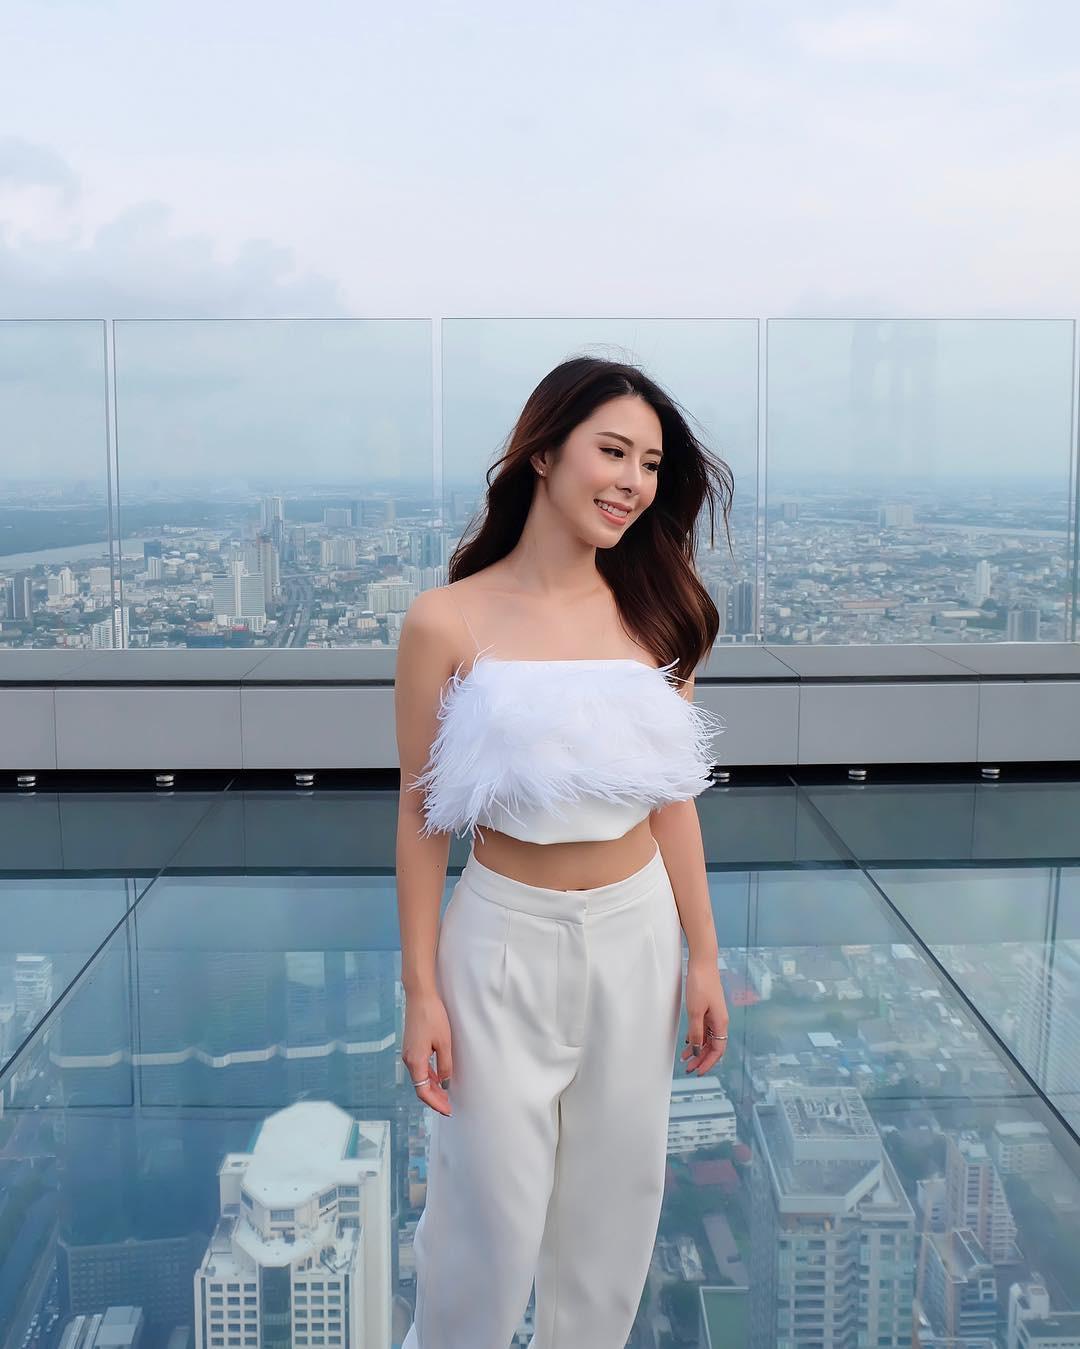 Dân tình hốt hoảng với sàn kính cao ở độ cao trên 300m ngắm trọn cảnh thủ đô Bangkok - Ảnh 12.